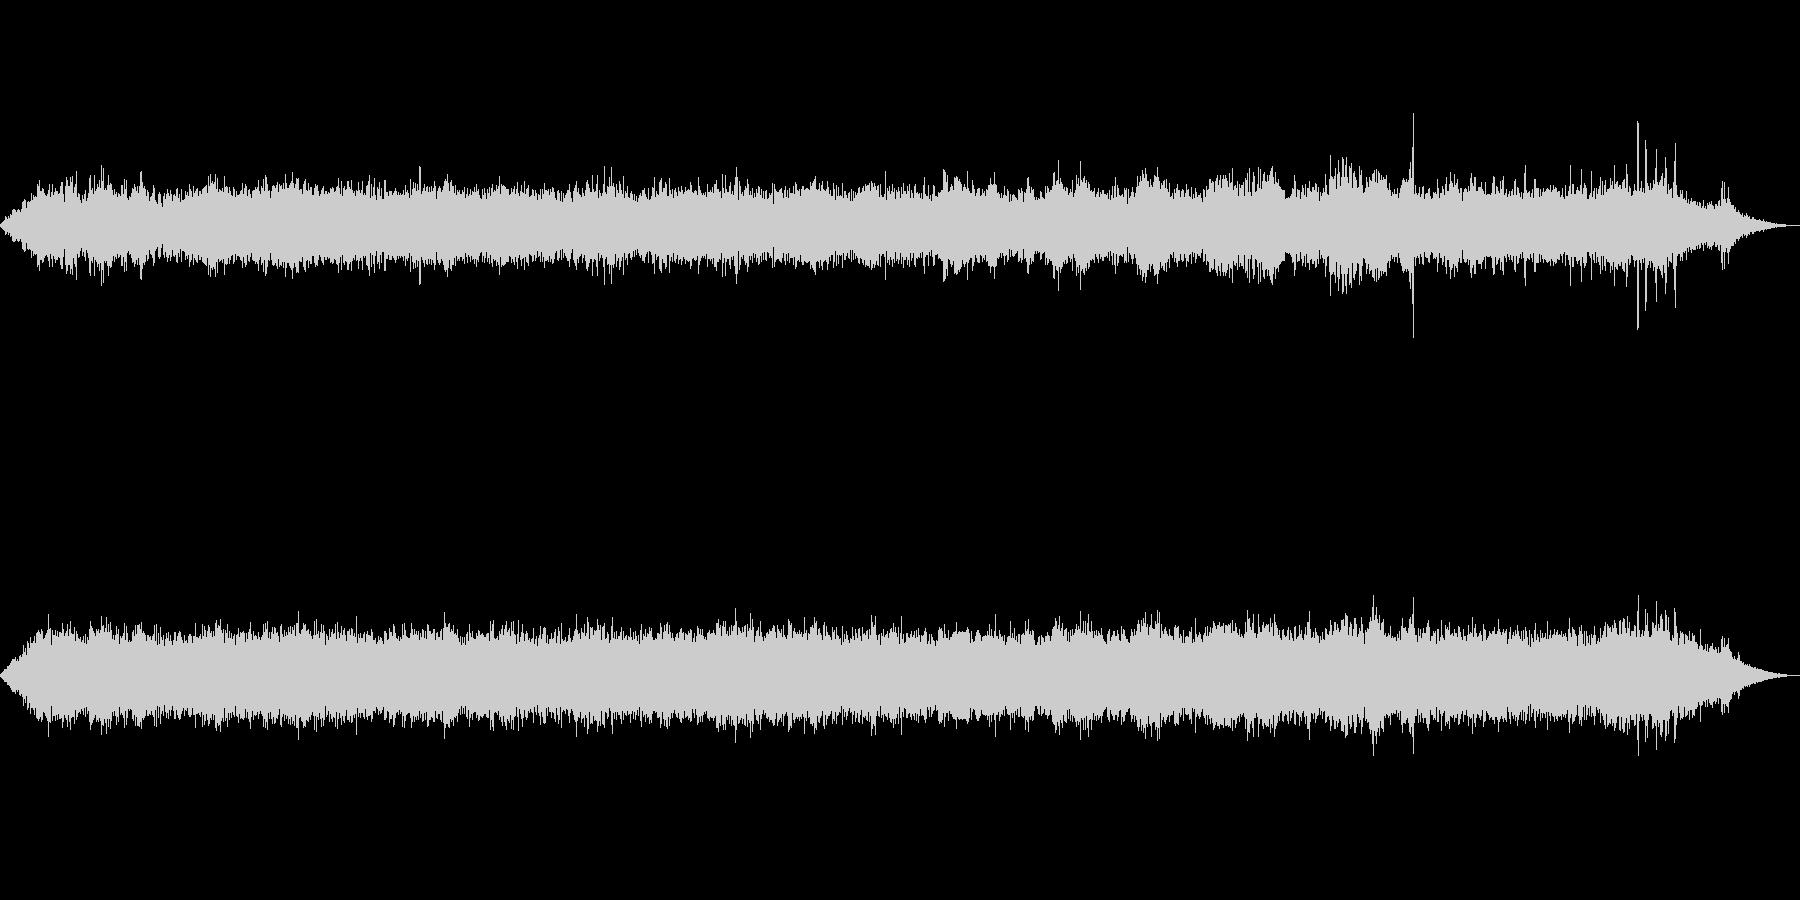 海 波 浜辺 海岸 カモメの環境音 11の未再生の波形